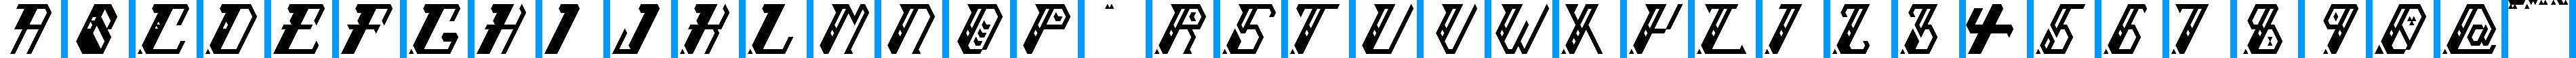 Particip-a-type v.297